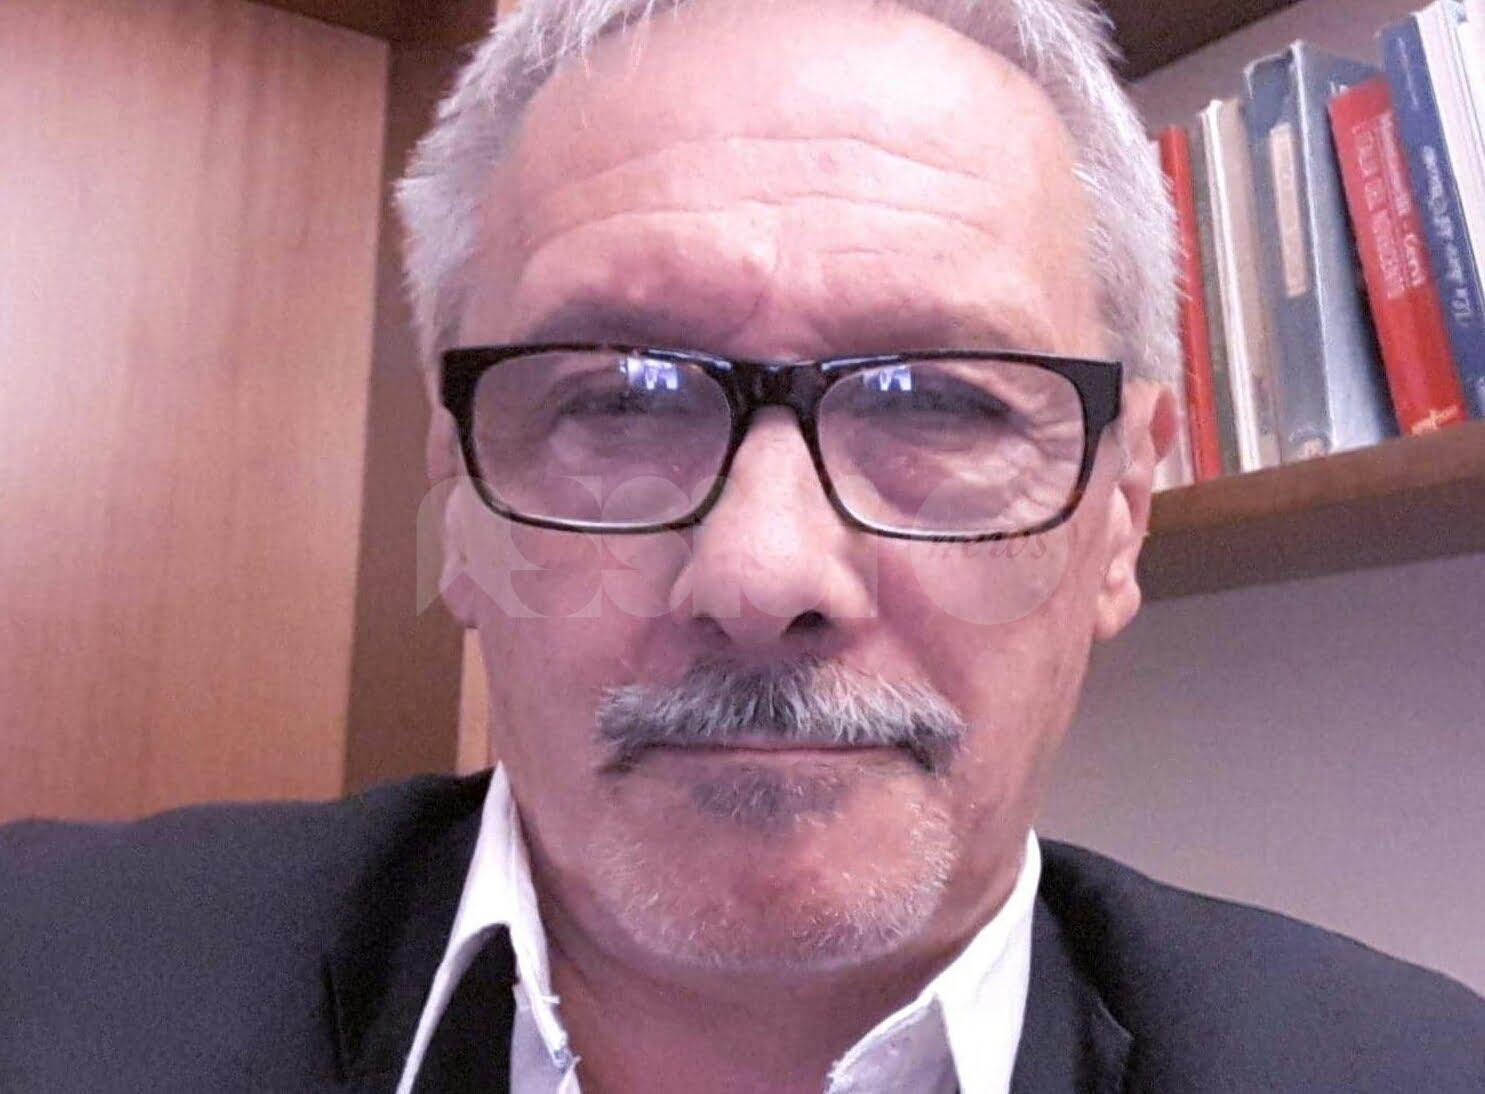 """Maurizio Terzetti: """"Io assessore? Si può fare cultura anche senza esserlo, ma... perché no?"""""""